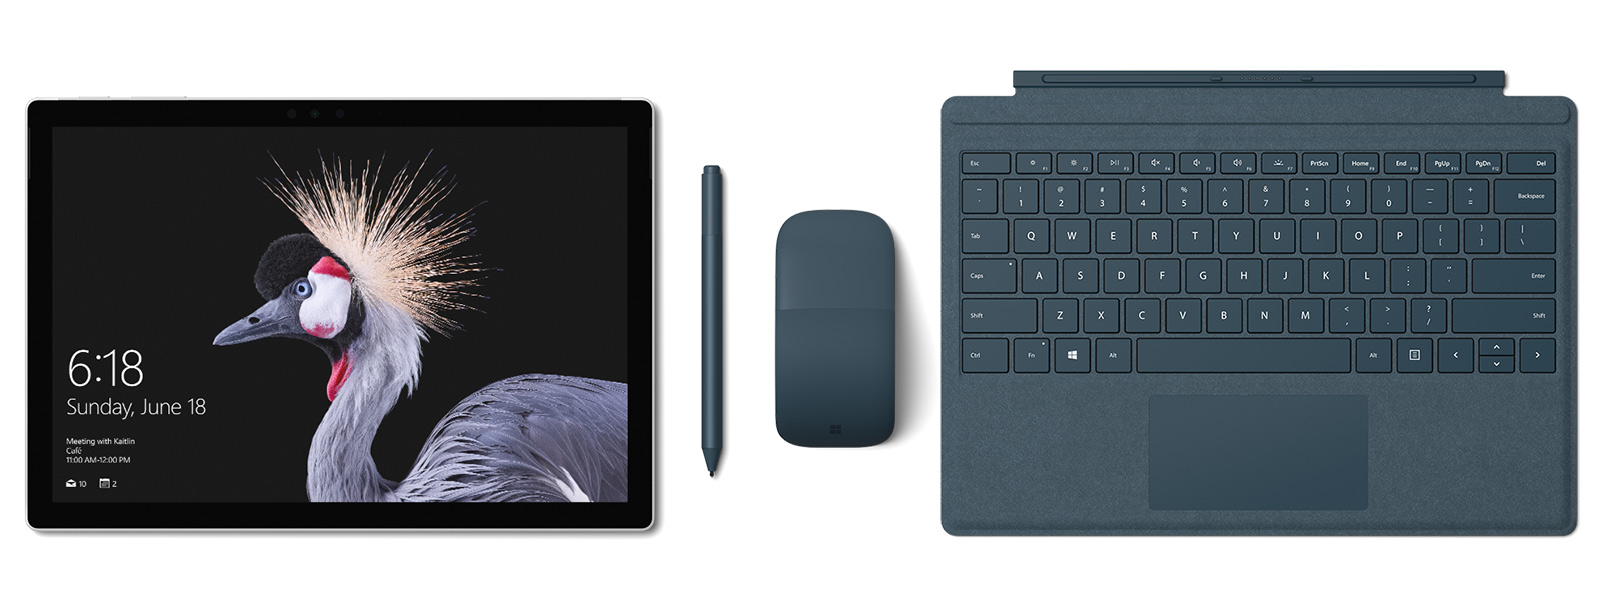 コバルト ブルーの Surface Pro、Surface Pro Signature Type Cover と Surface Pen の画像 Surface ペン附属